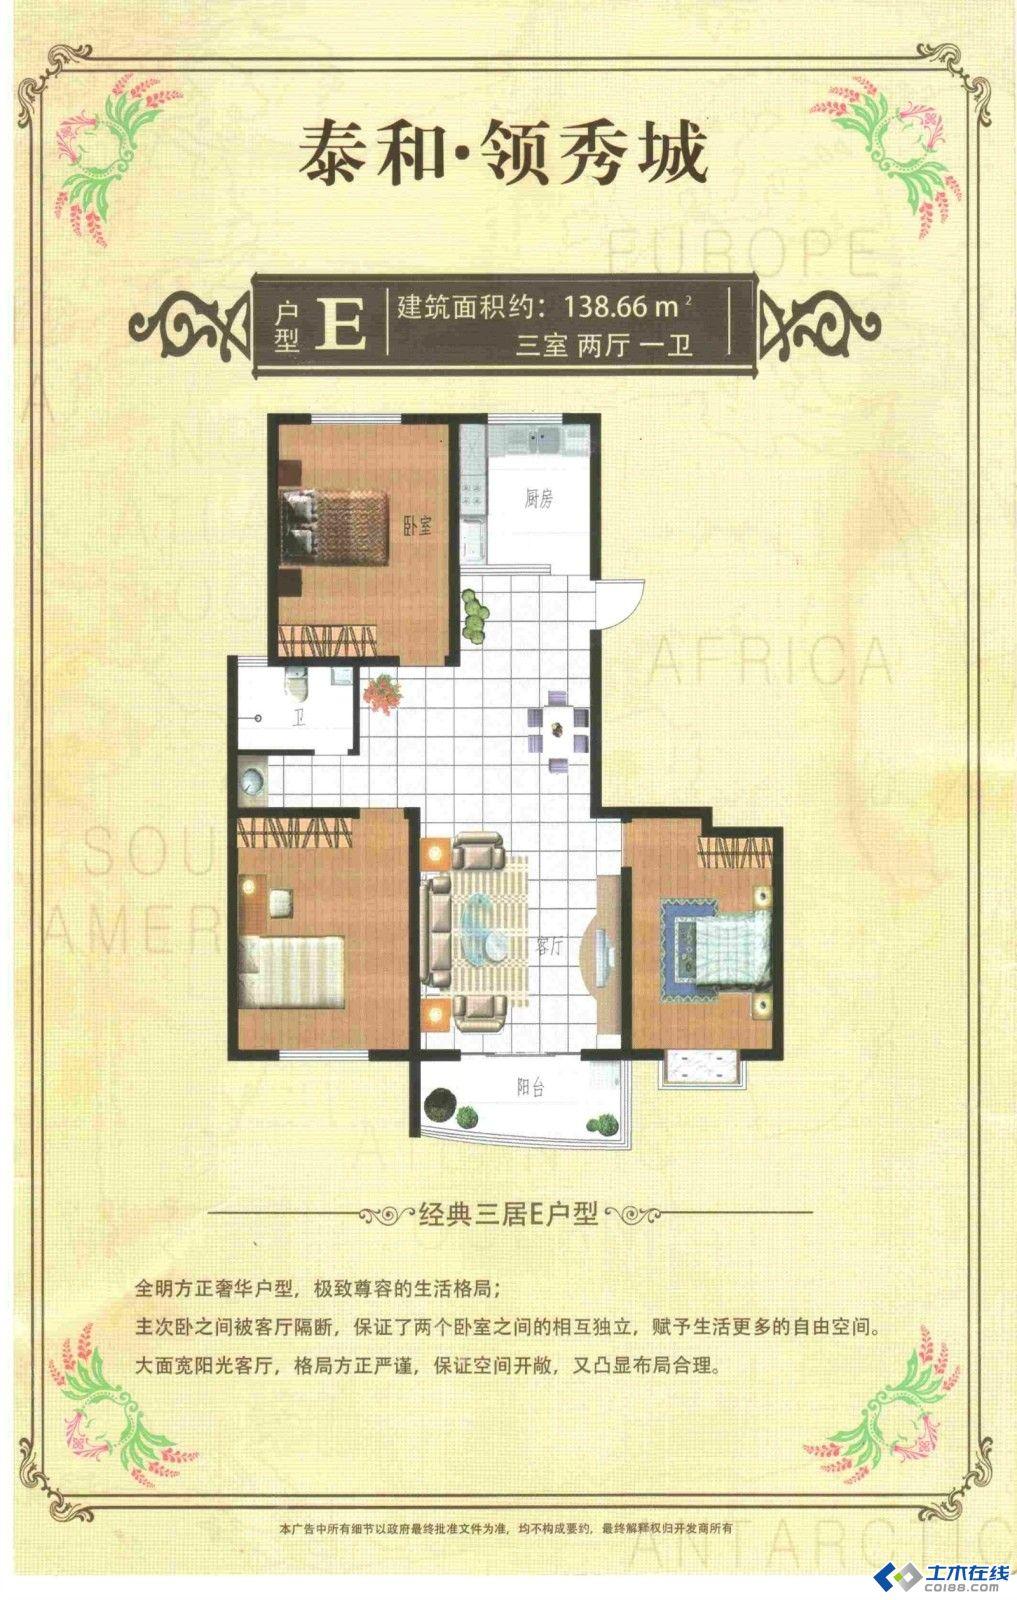 三室一厅一卫户型装修设计